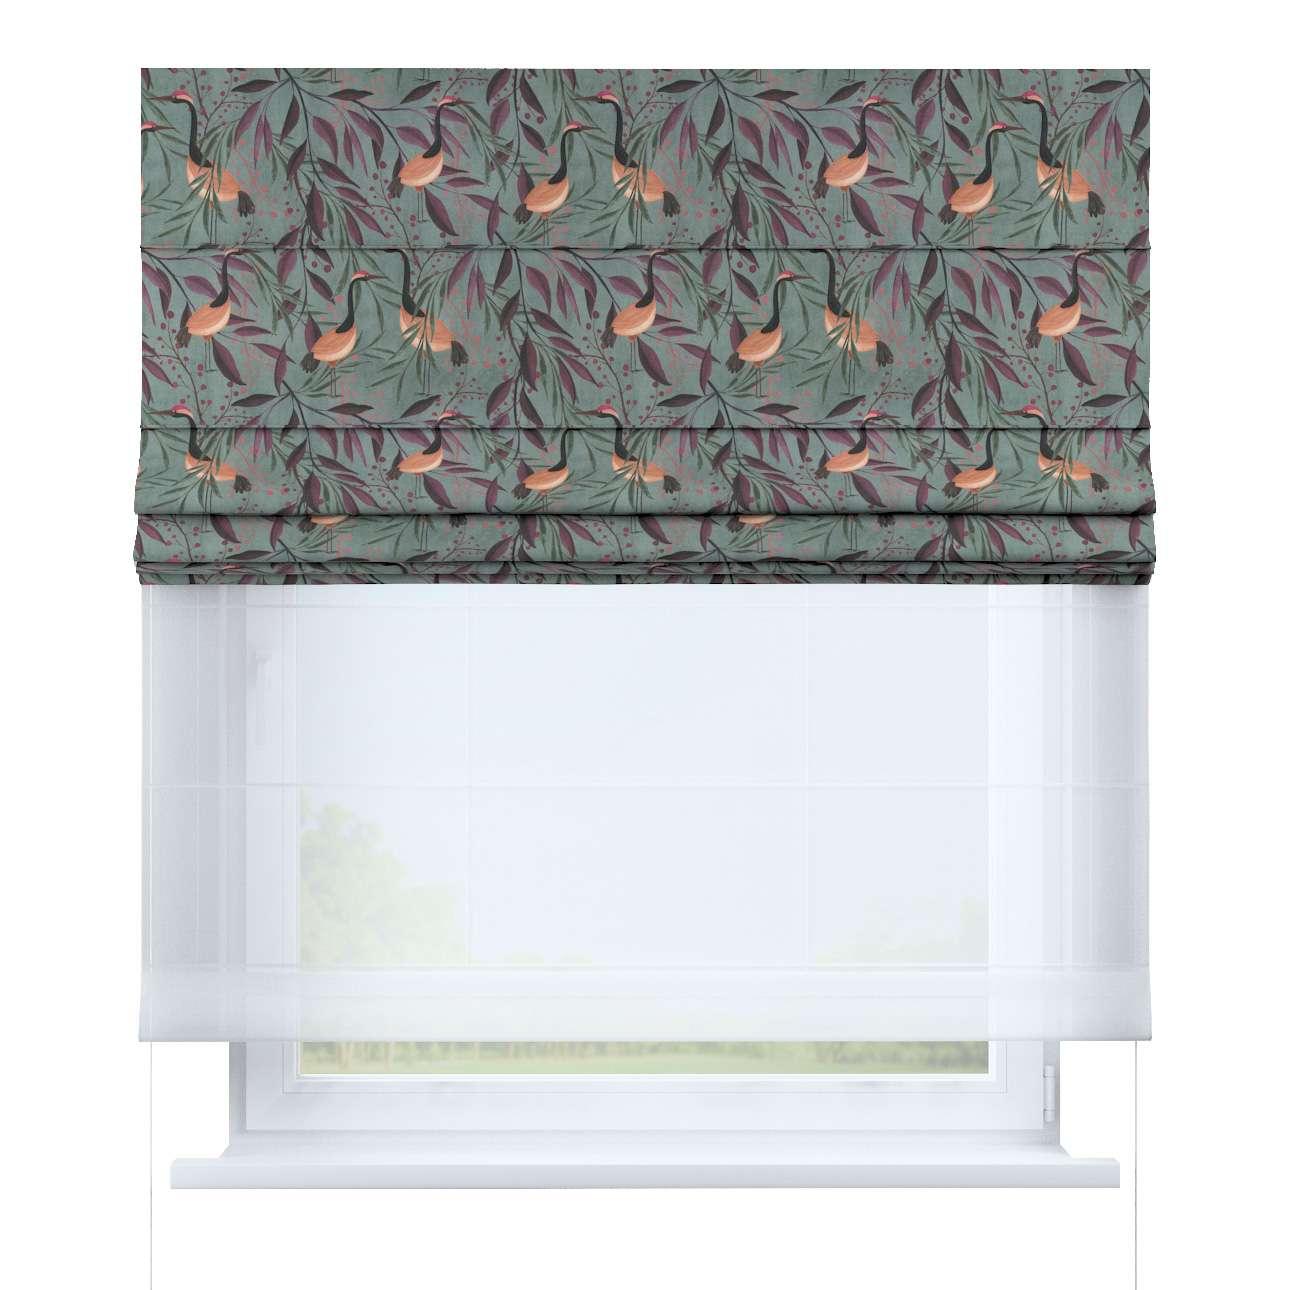 Roleta rzymska Duo w kolekcji Abigail, tkanina: 143-11